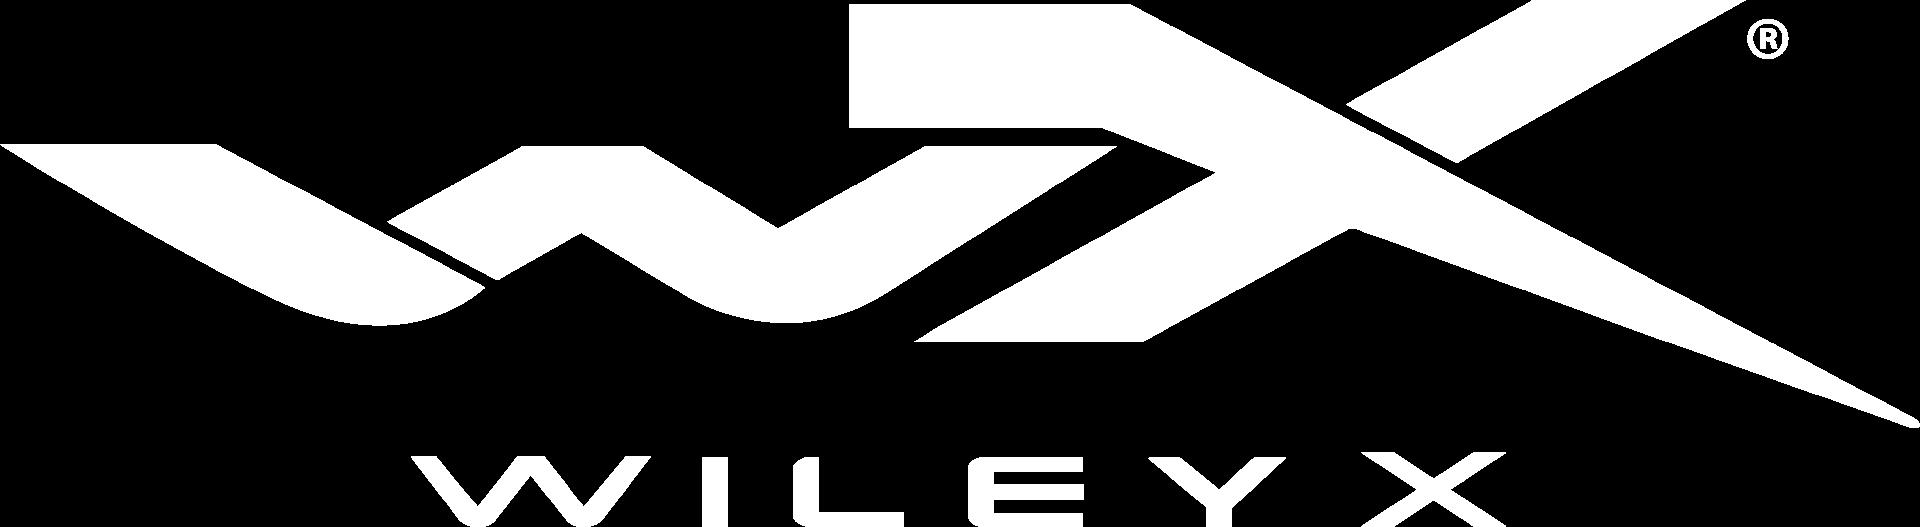 wiley x logo white